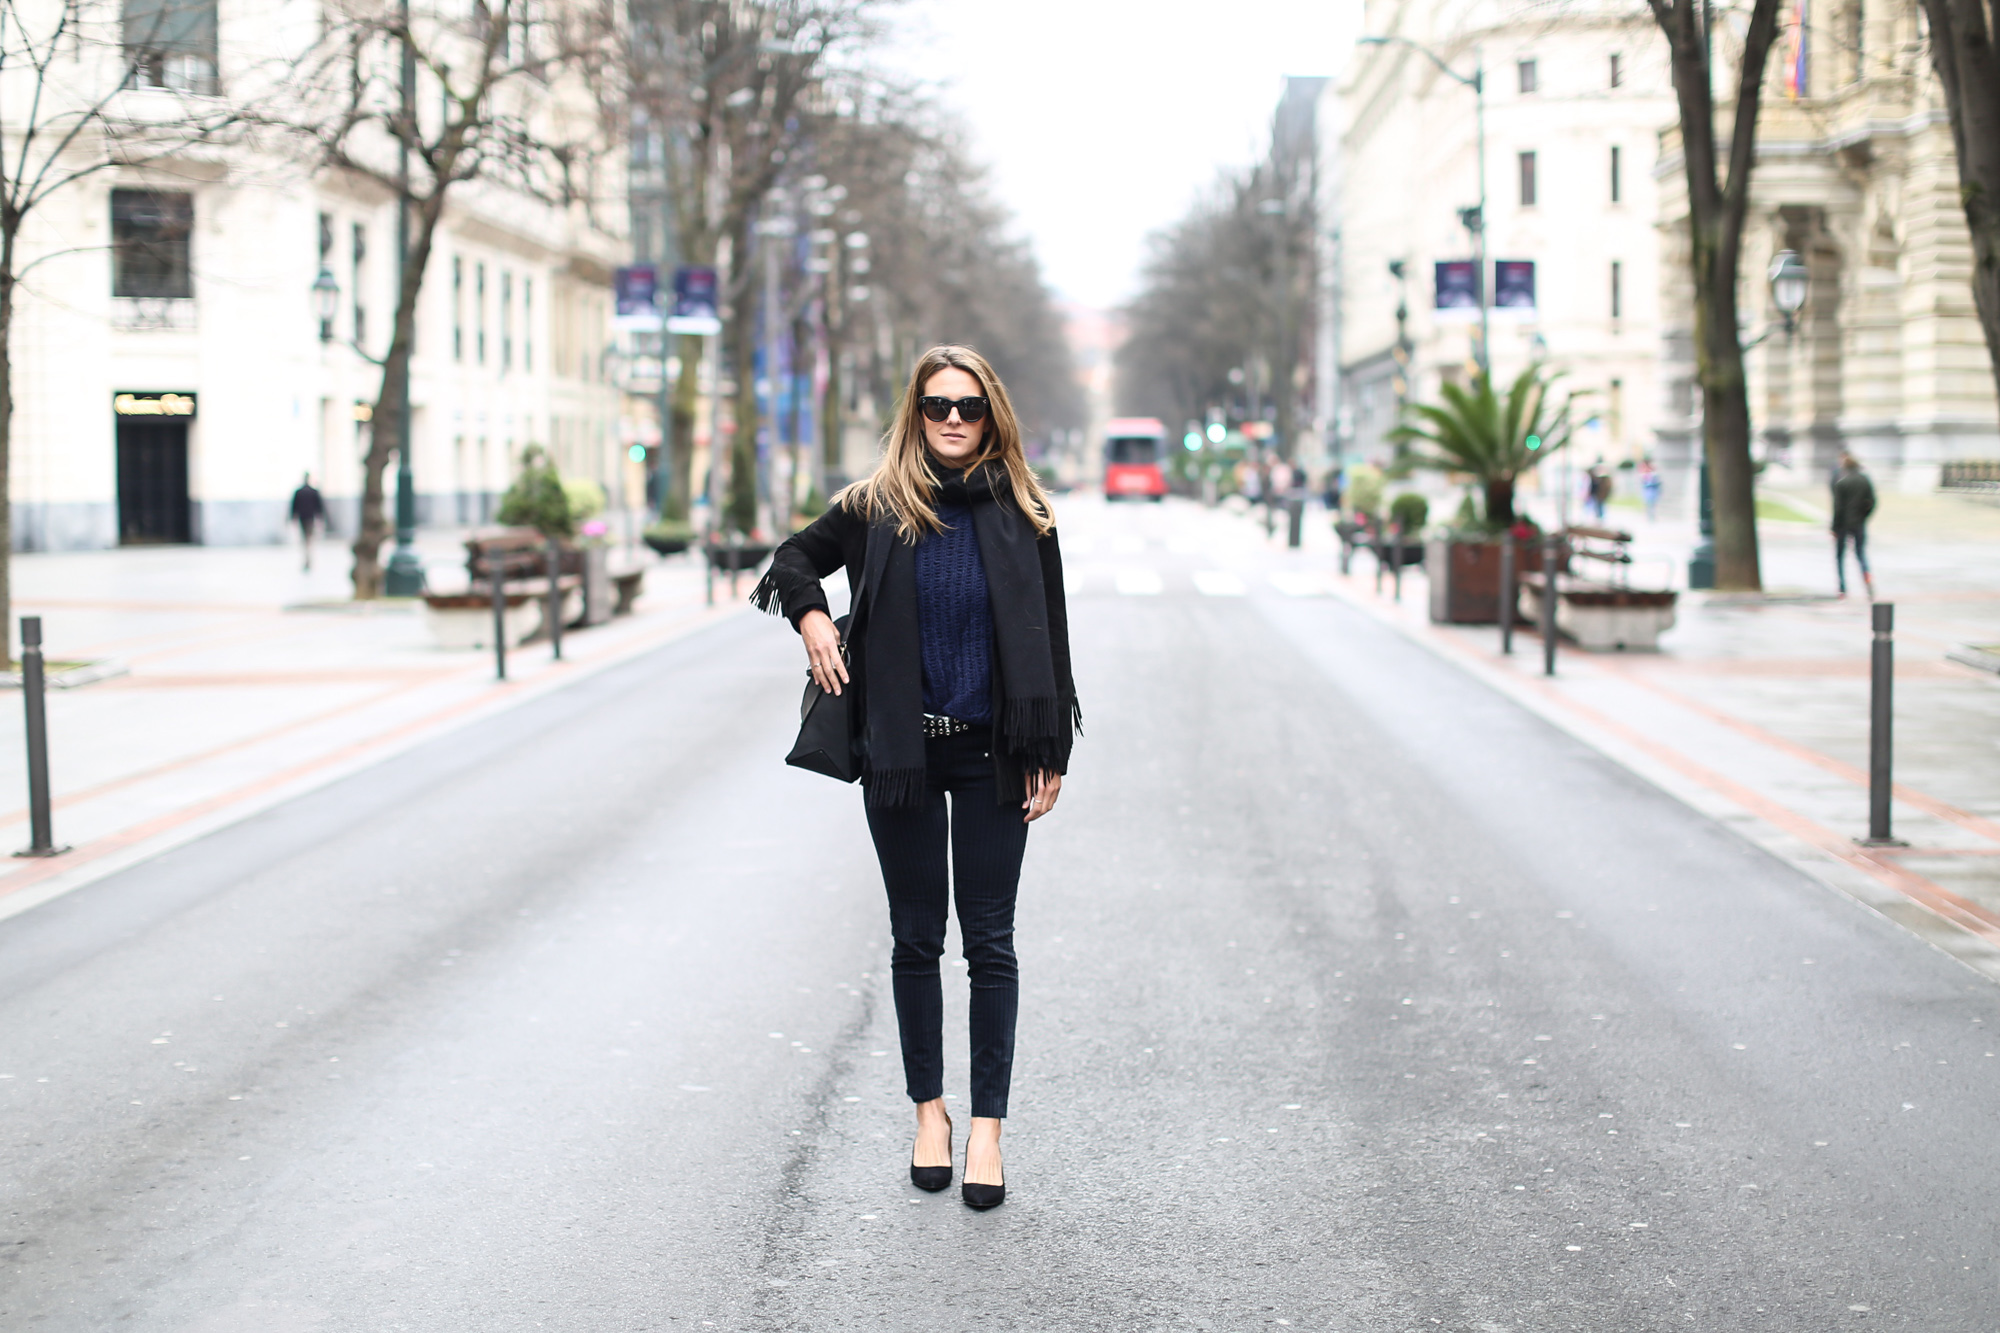 Clochet_streetstyle_fashionblogger_purificacióngarcia_bolsotrangram_chaquetaanteflecosmaje-2